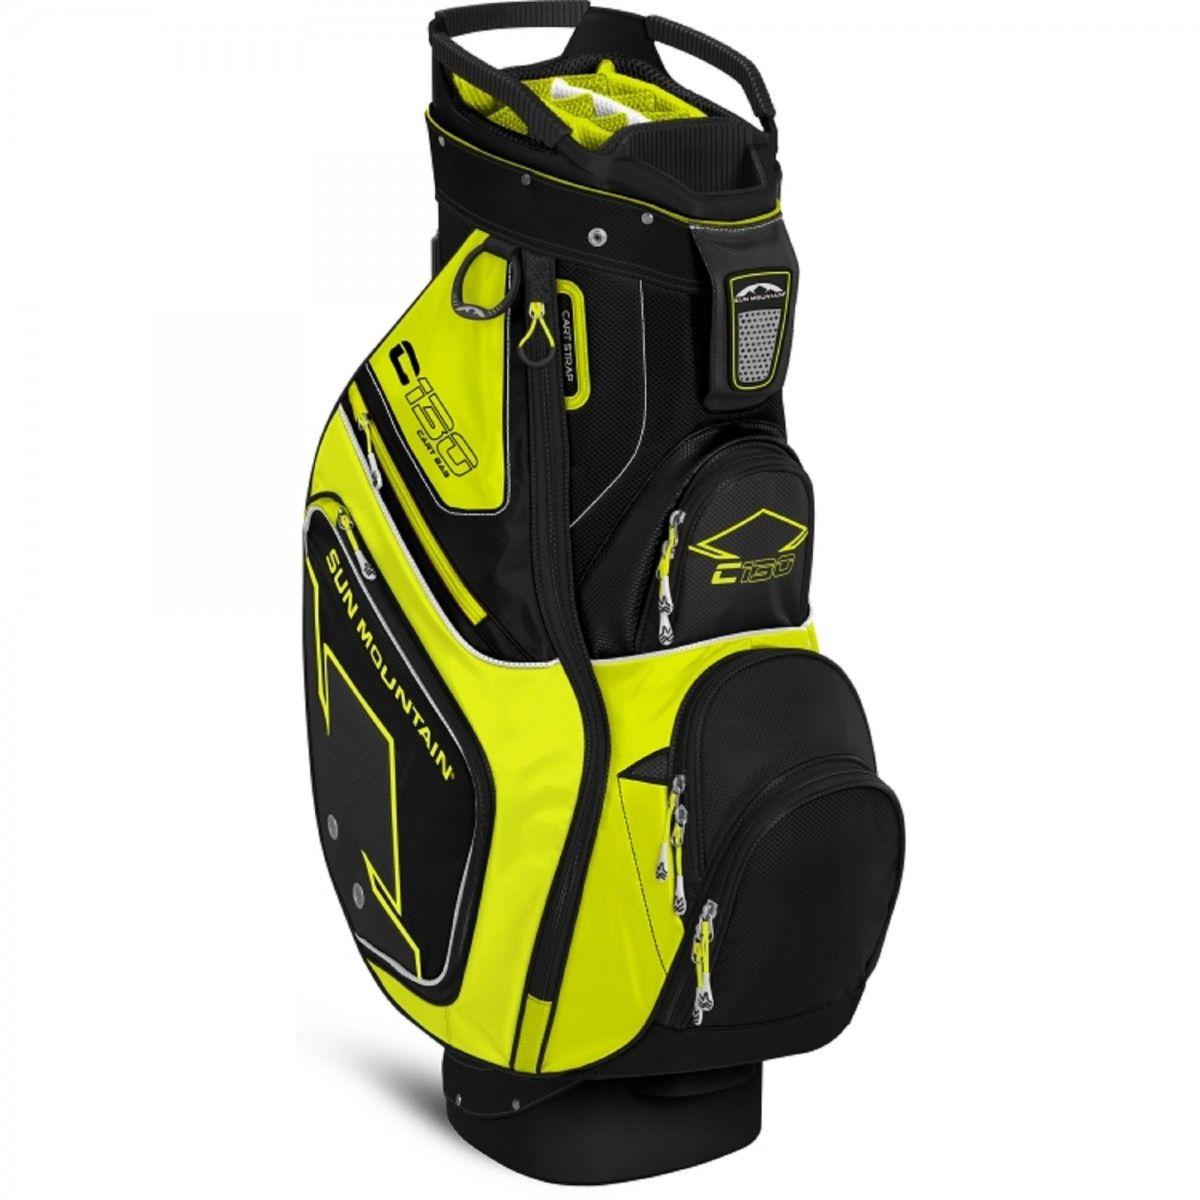 sun mountain c130 cart bag 2016 from golf ski warehouse golf